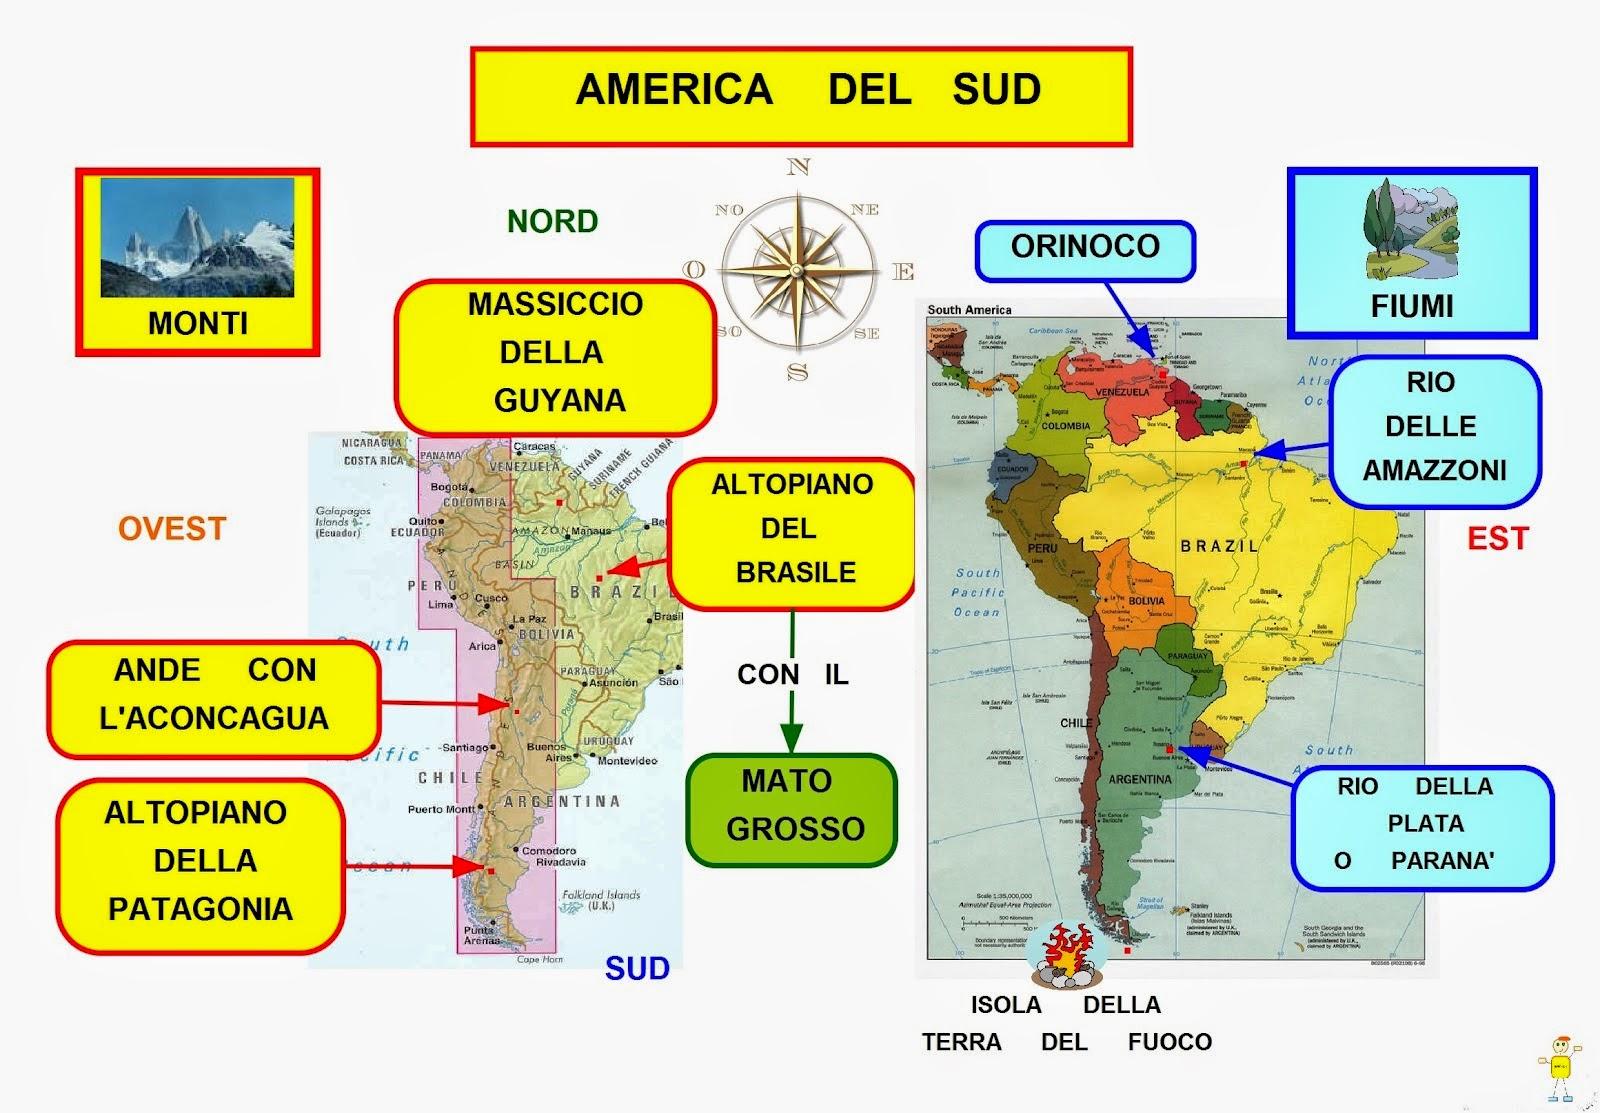 Risultati immagini per mappa concettuale dell'america del sud